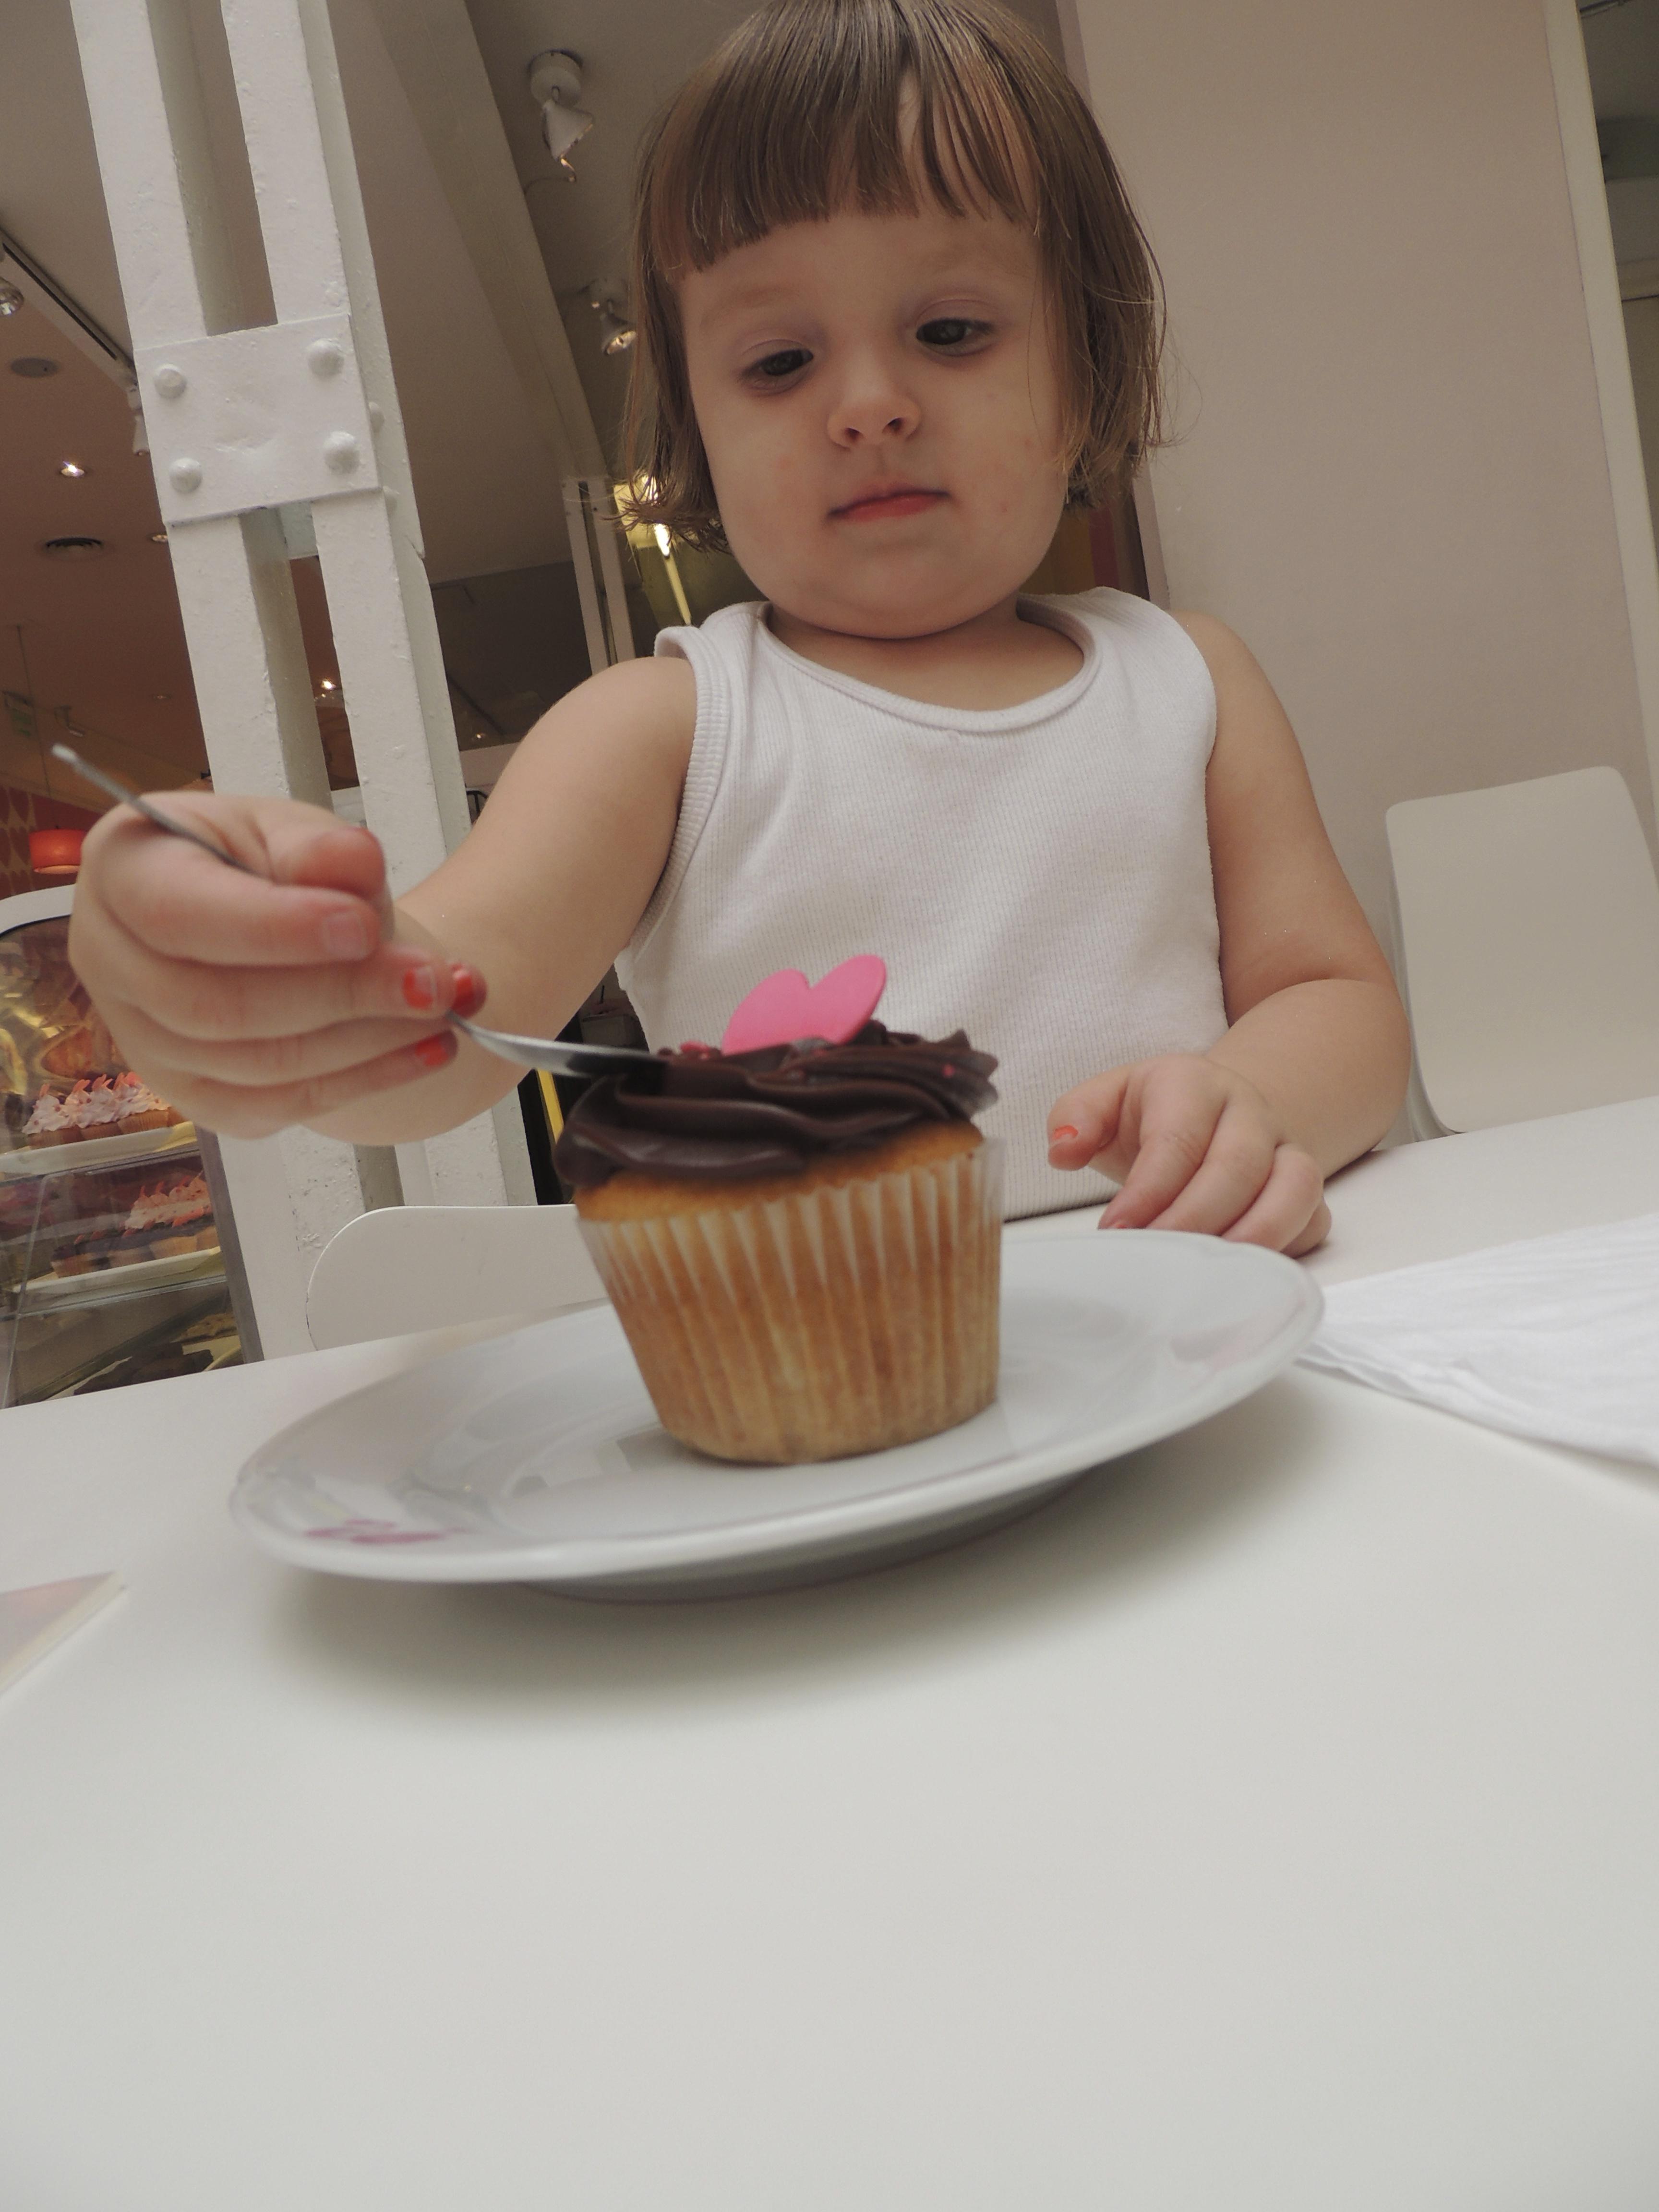 E esse cupcake???